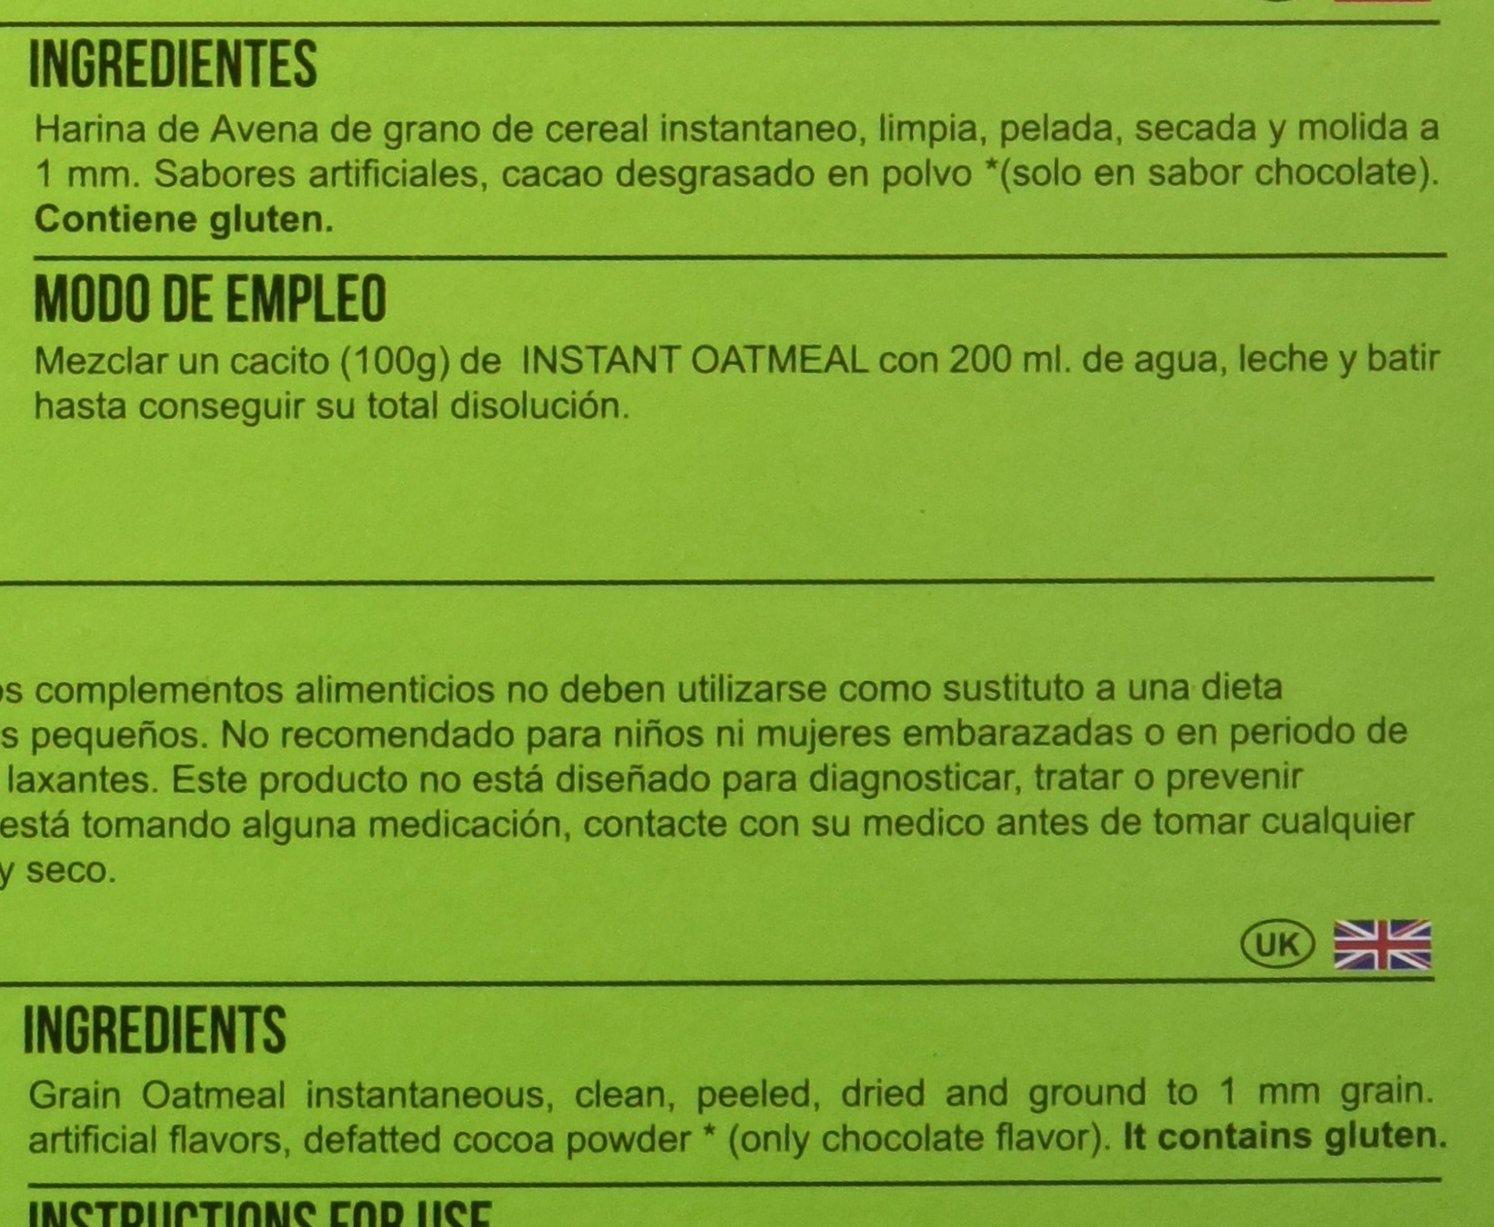 Big Man Nutrition Instant Oatmeal Suplemento de Carbohidratos Arroz con Leche - 3000 gr: Amazon.es: Salud y cuidado personal